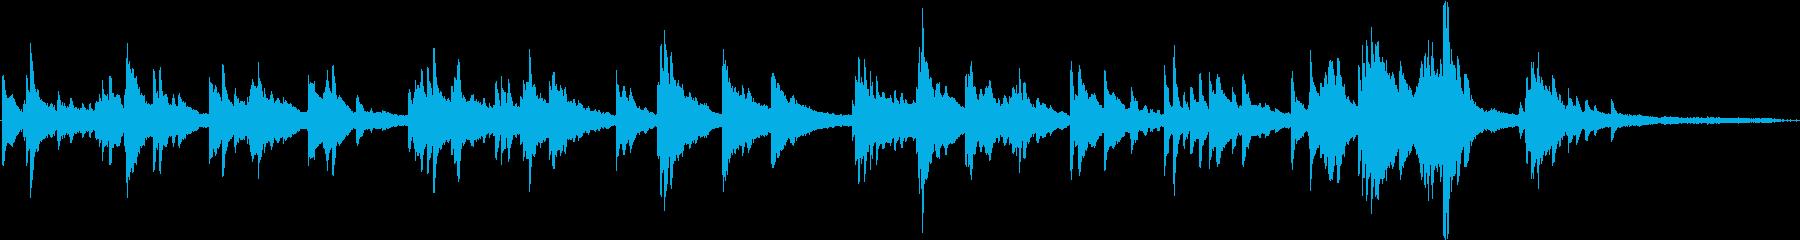 幻想的なピアノソロですの再生済みの波形